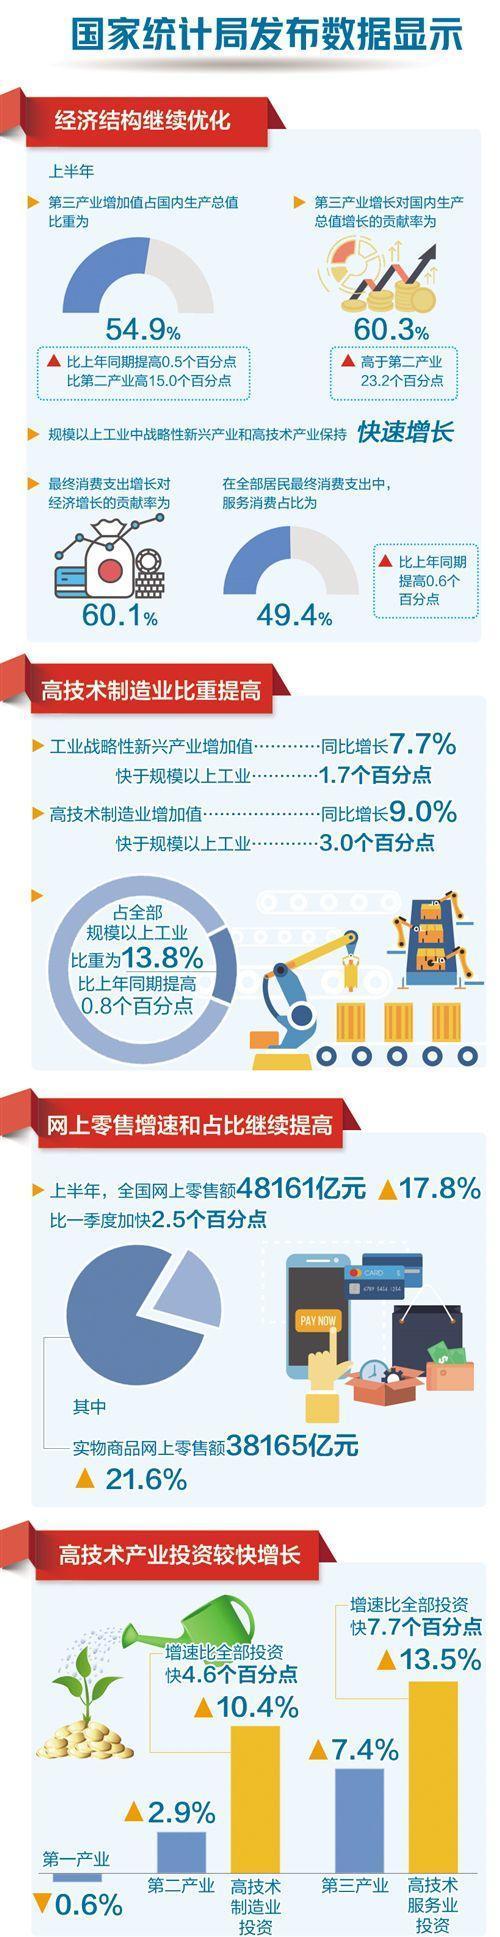 终极一班32(唐禹哲吸血鬼)专家学者点评半年报:经济结构继续优化 增加质量继续提高